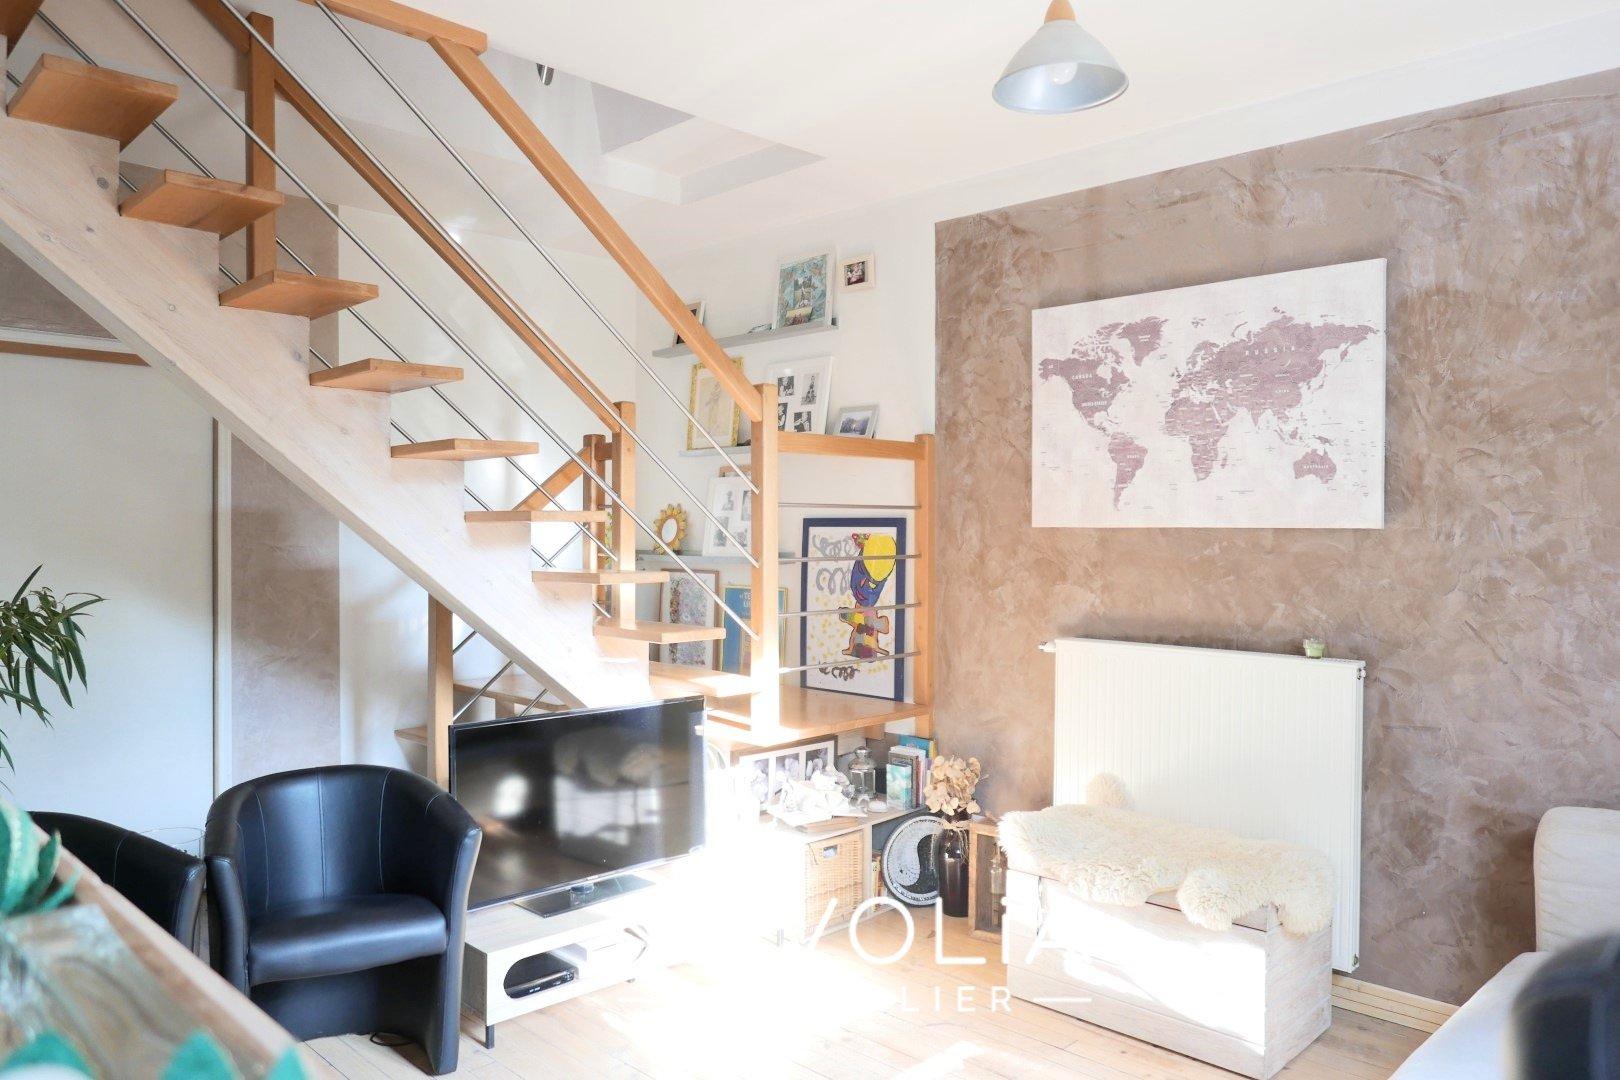 Achat Maison, Surface de 100 m²/ Total carrez : 100 m², 5 pièces, Vénissieux (69200)